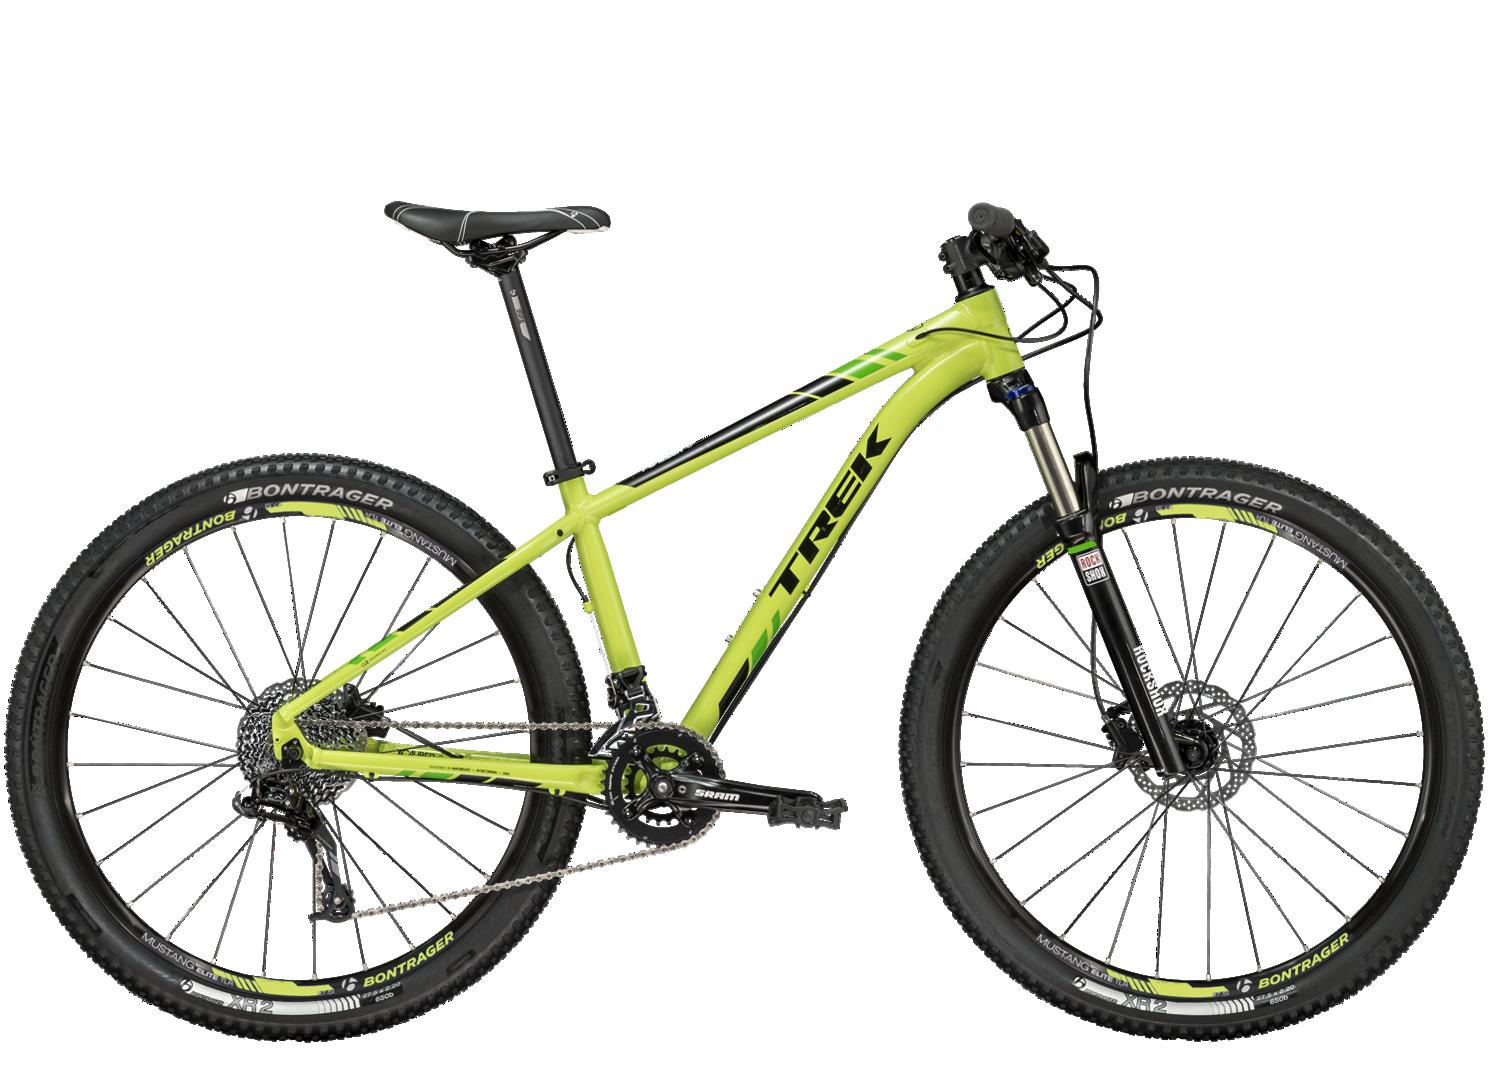 X Caliber 8 Trek Bicycle